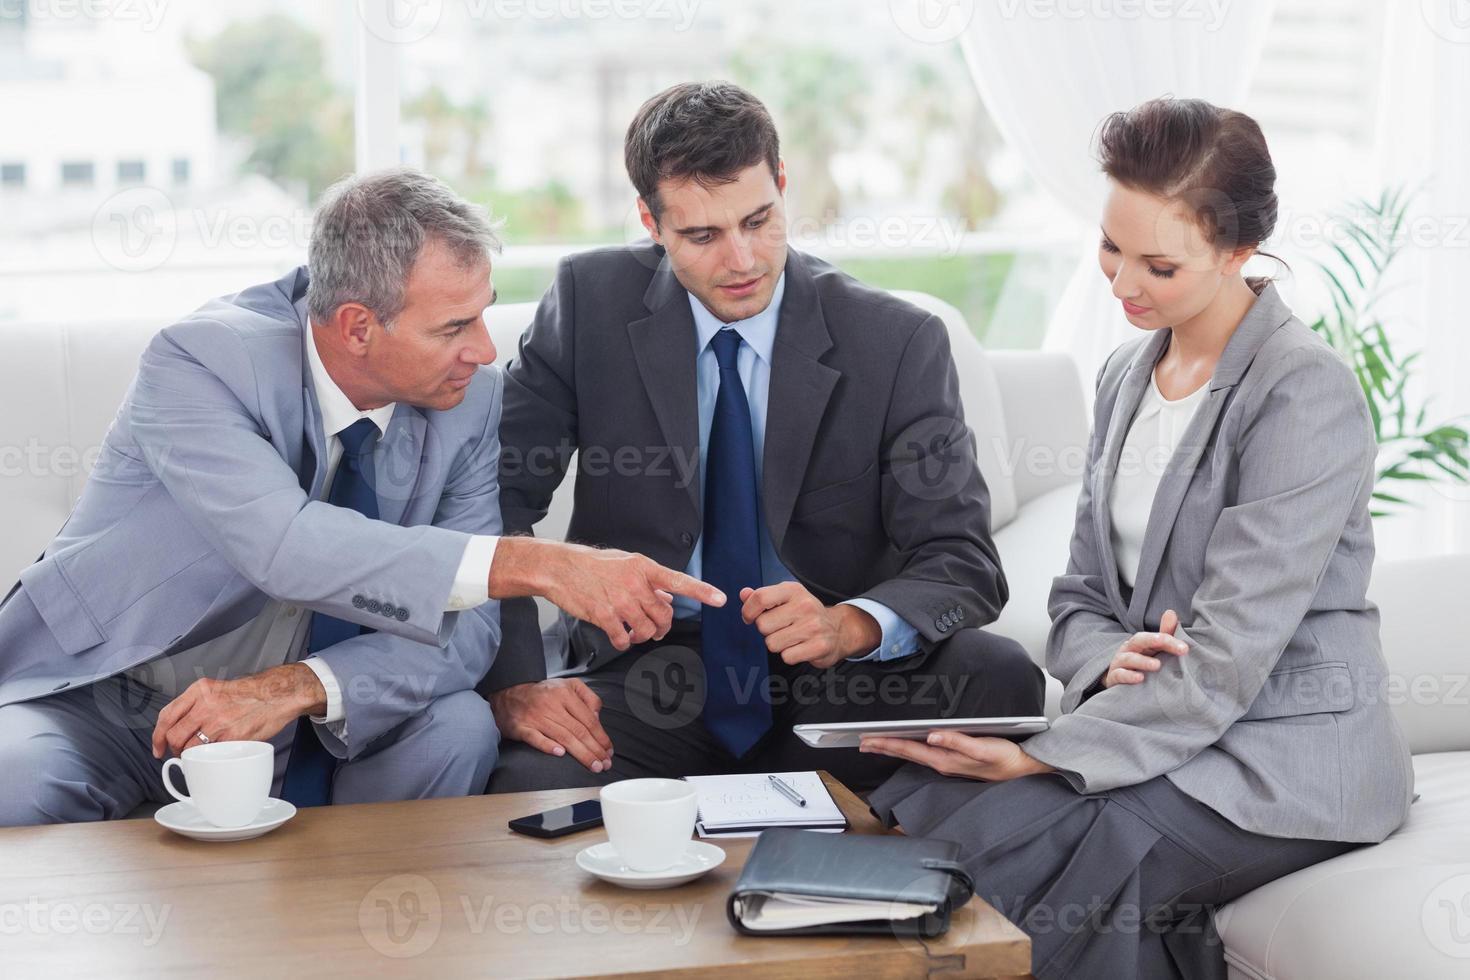 gruppo di lavoro che ha una riunione insieme foto